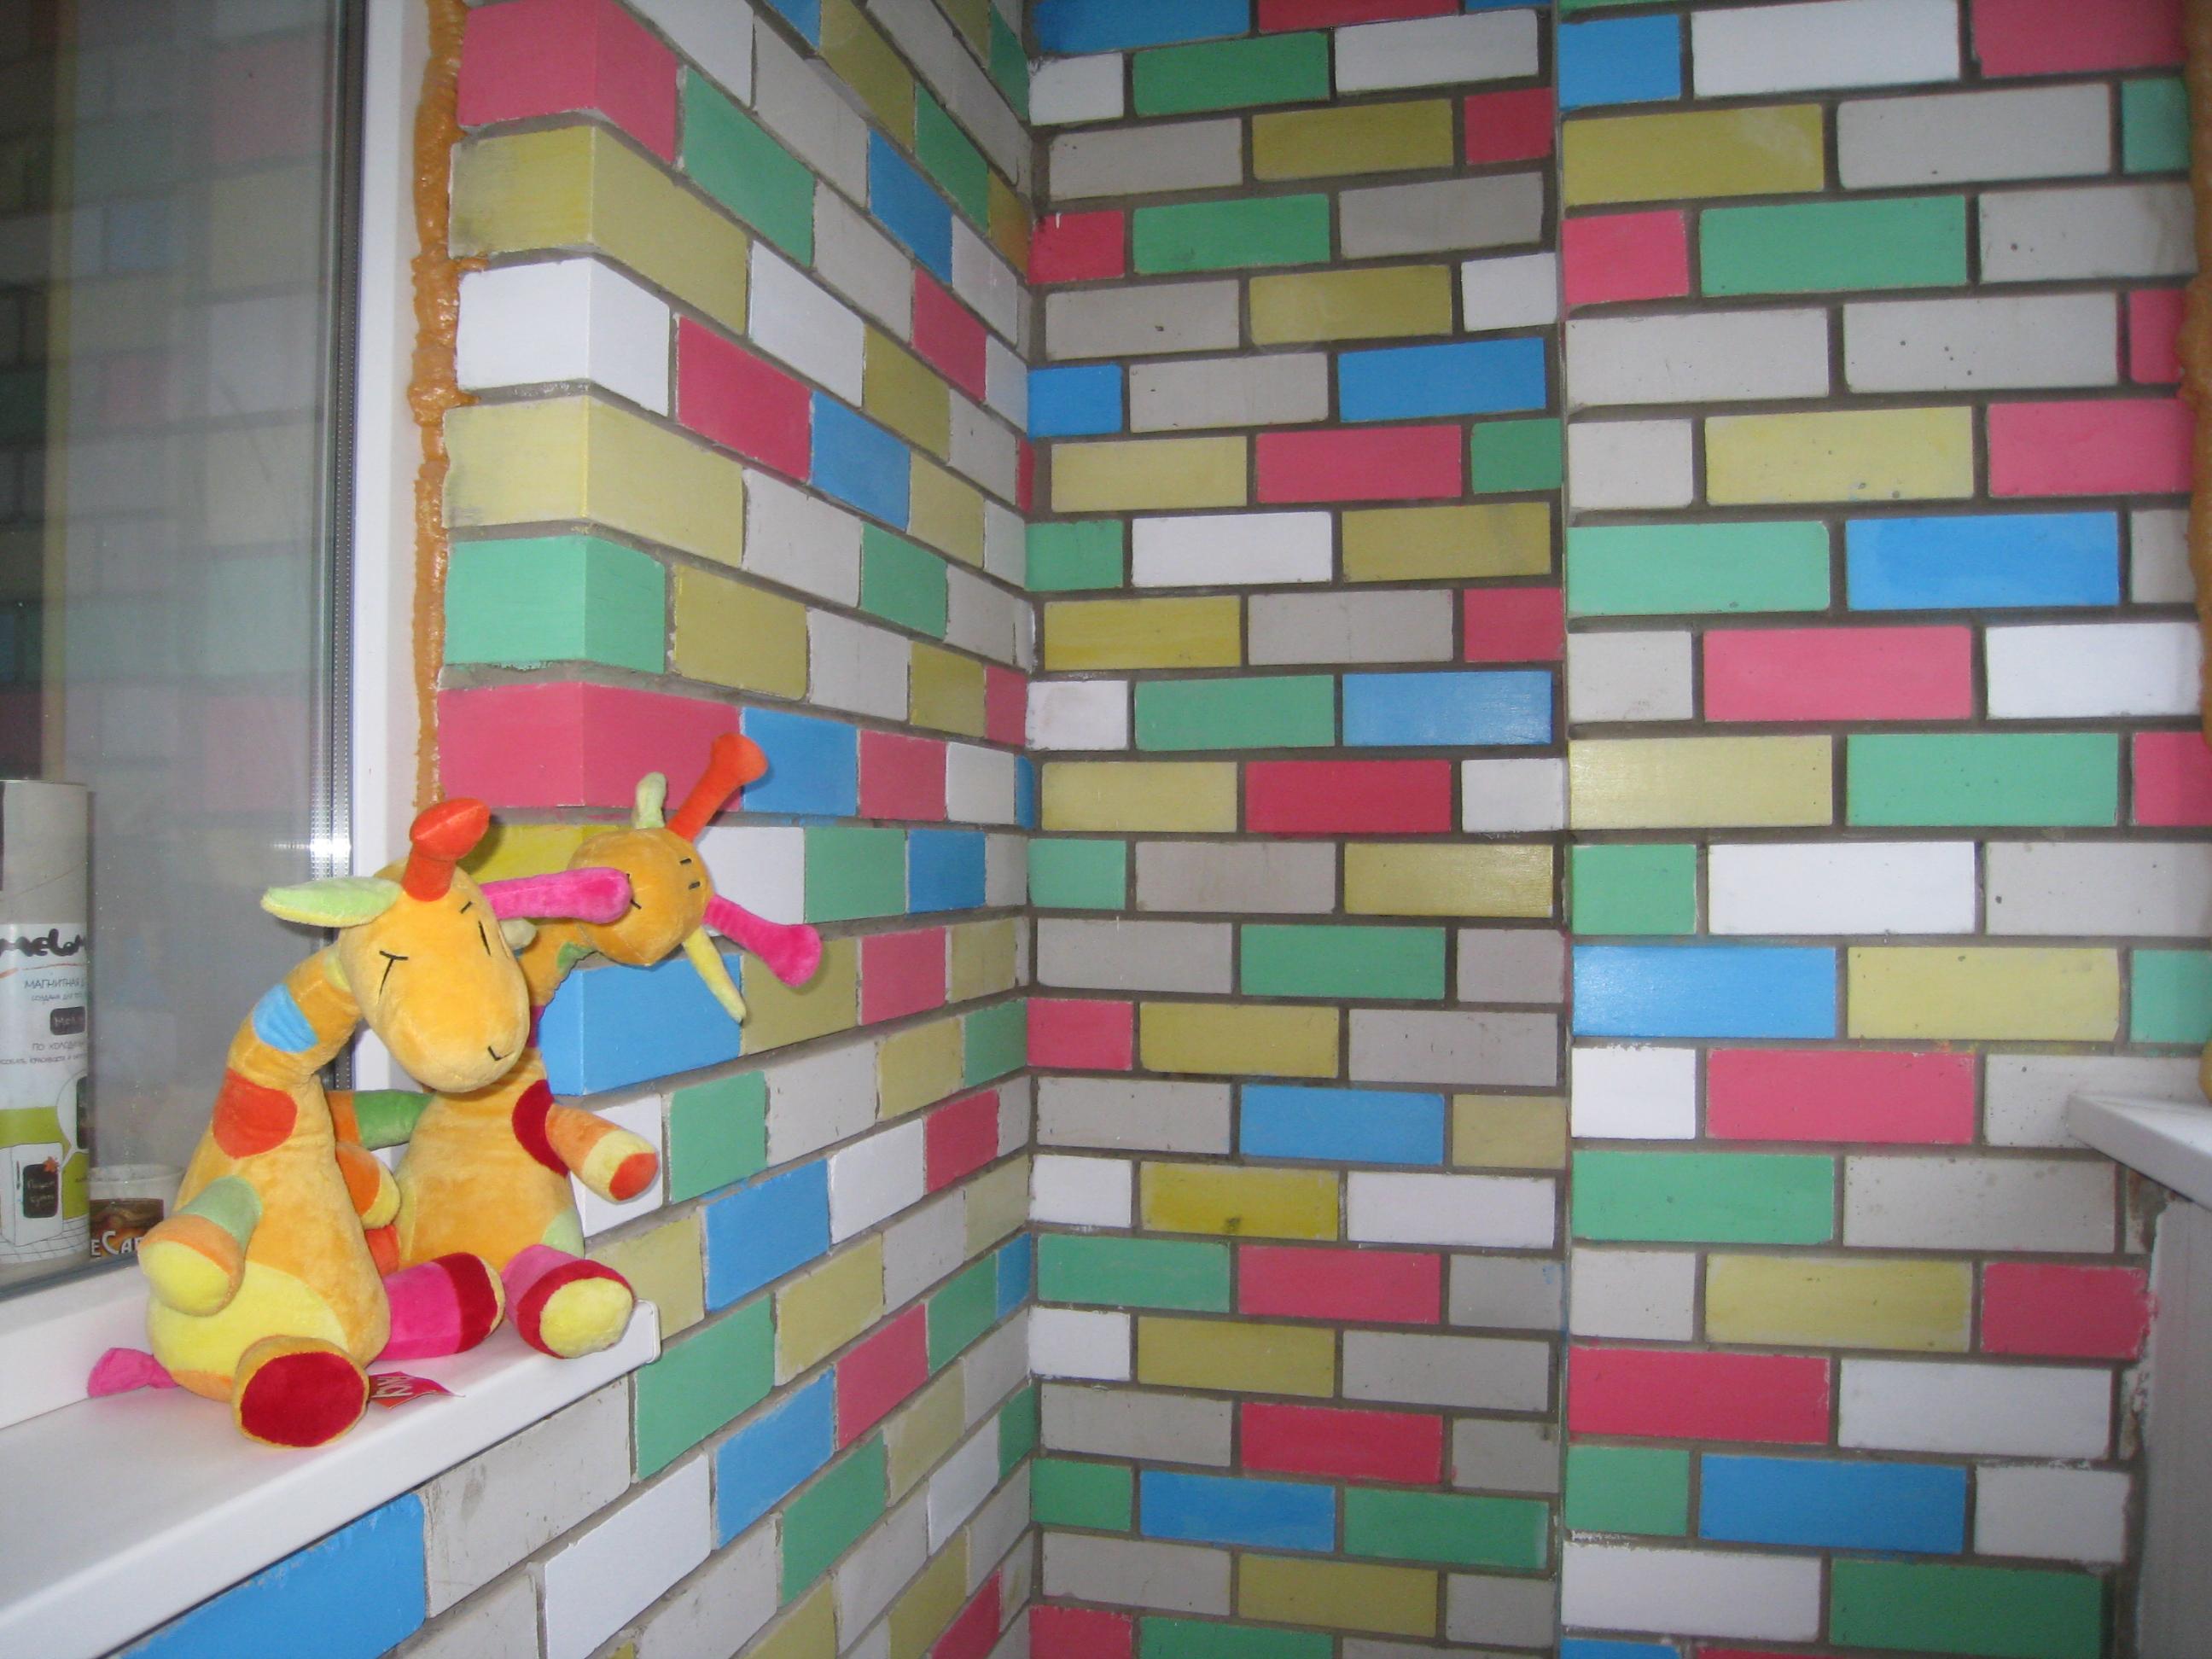 Как покрасить кирпичную стену на балконе и чем? (с фото).